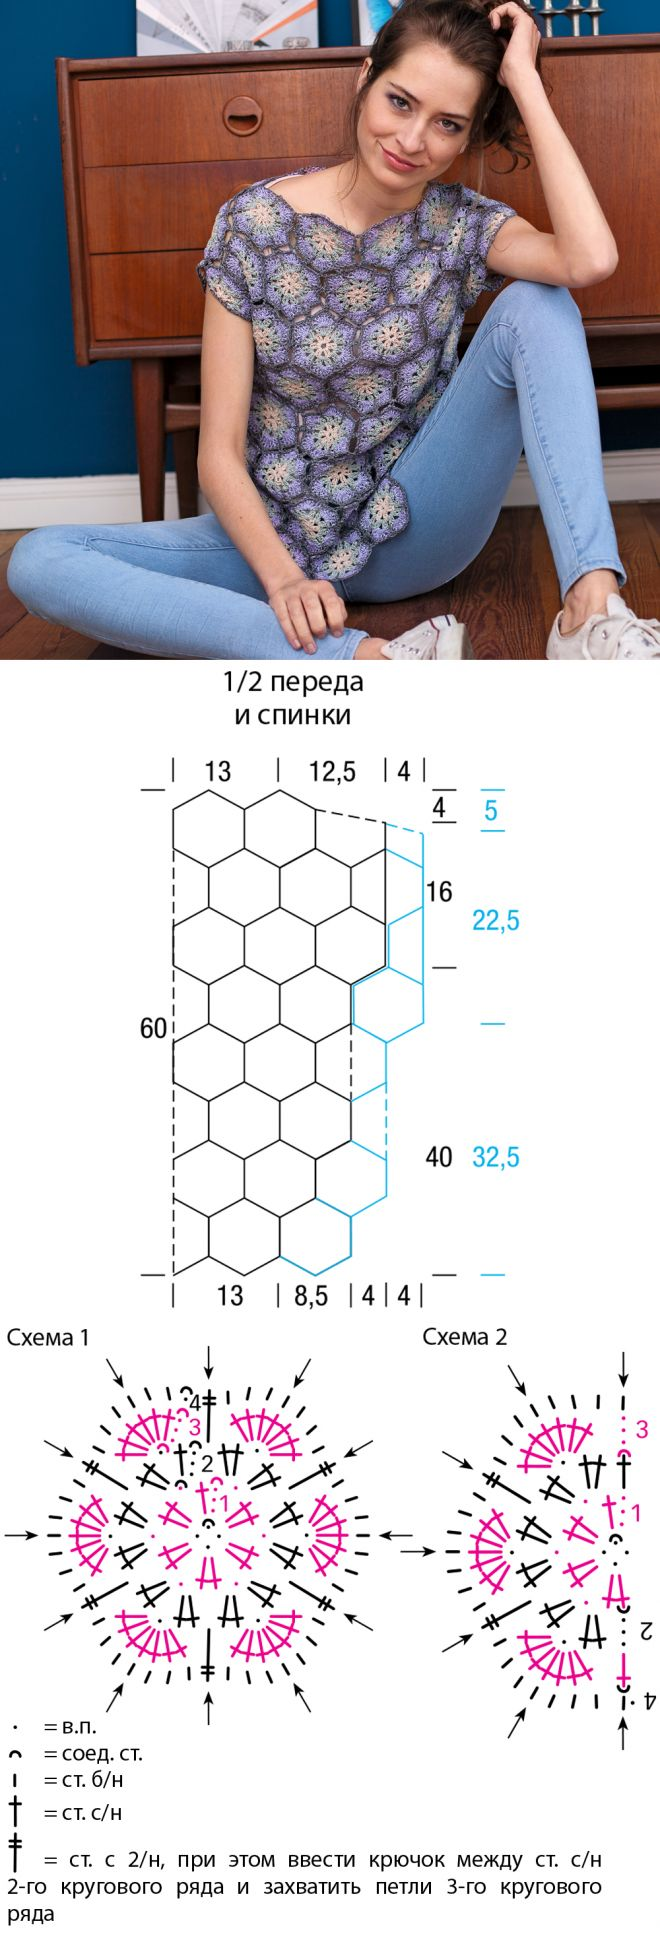 Ажурный топ из цветочных мотивов - схема вязания крючком. Вяжем Топы на Verena.ru